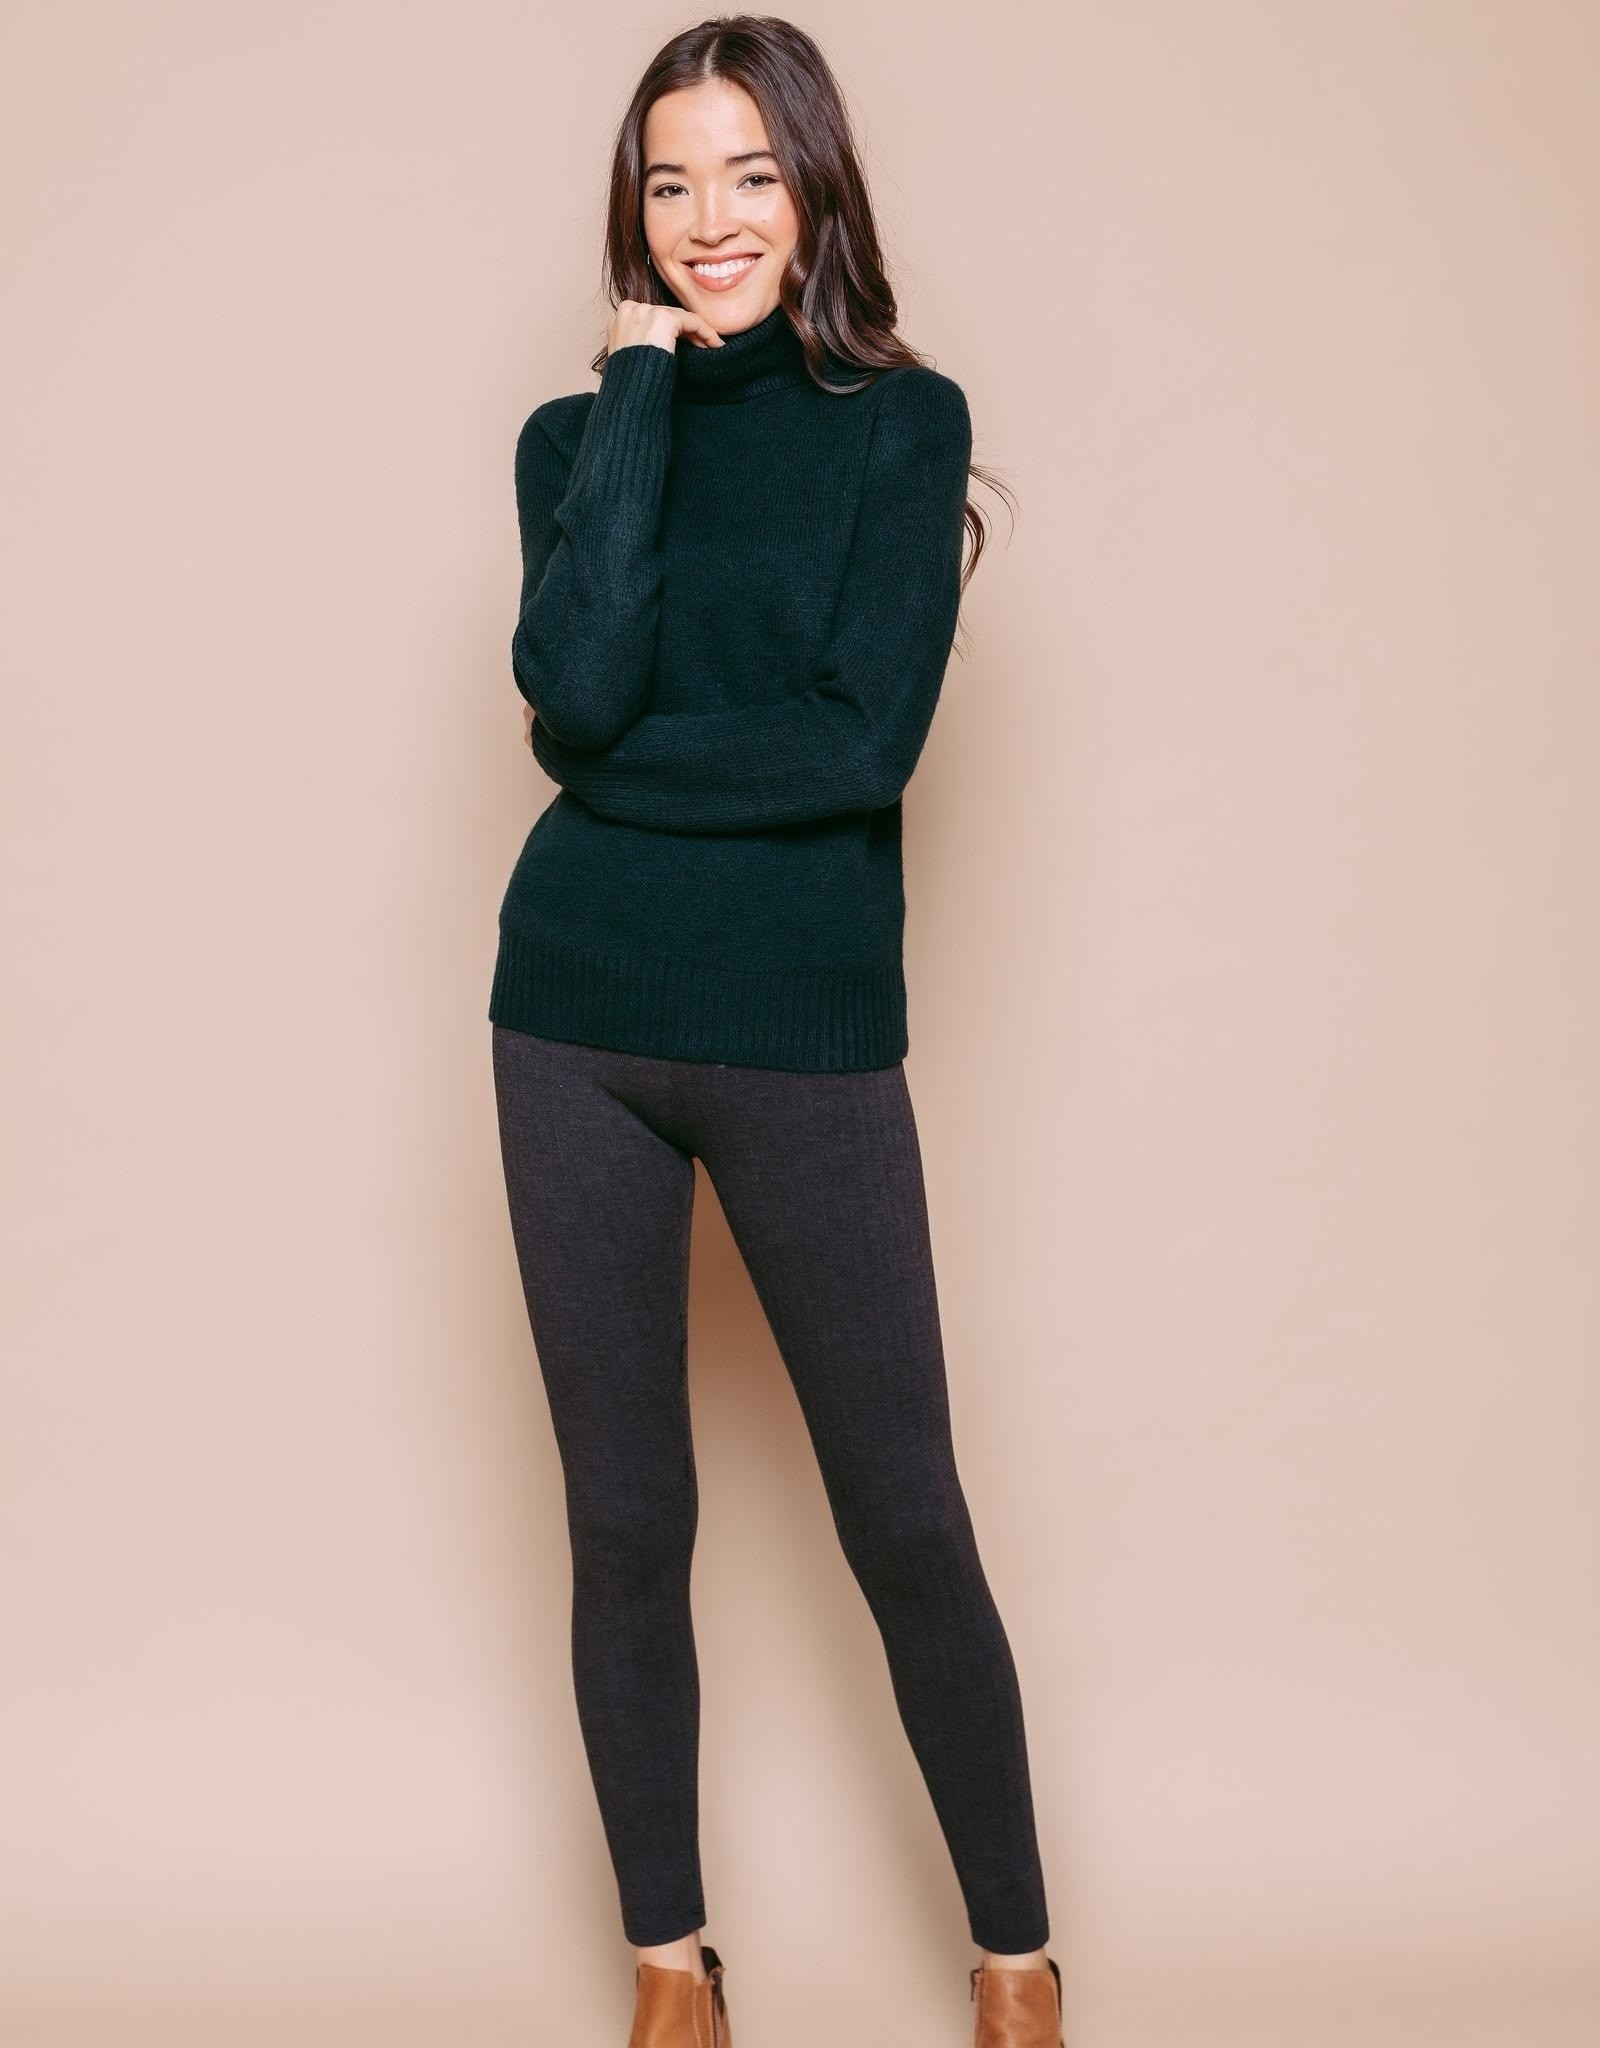 Orb Clothing Amanda Turtleneck